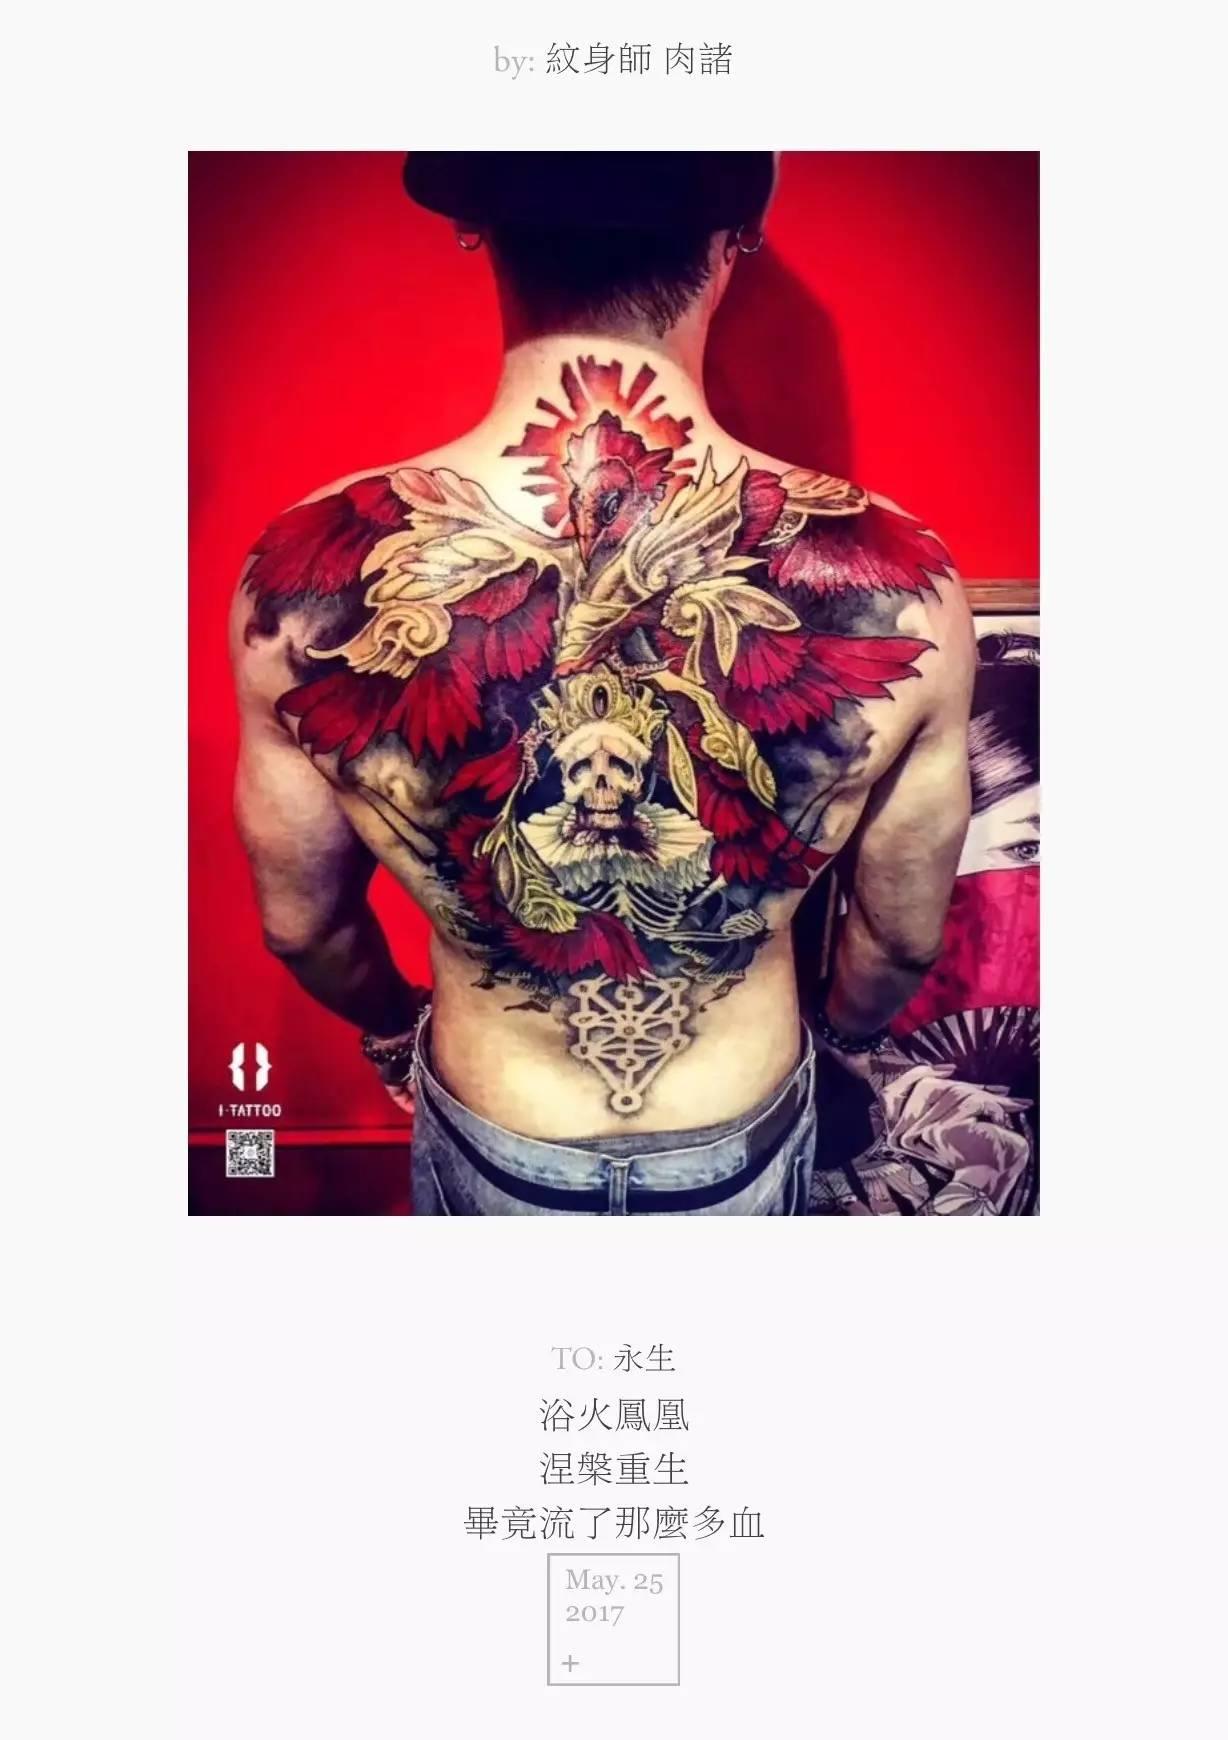 《我在i-tattoo纹了一个大满背》 浴火凤凰 涅盘重生 毕竟留了那么多图片